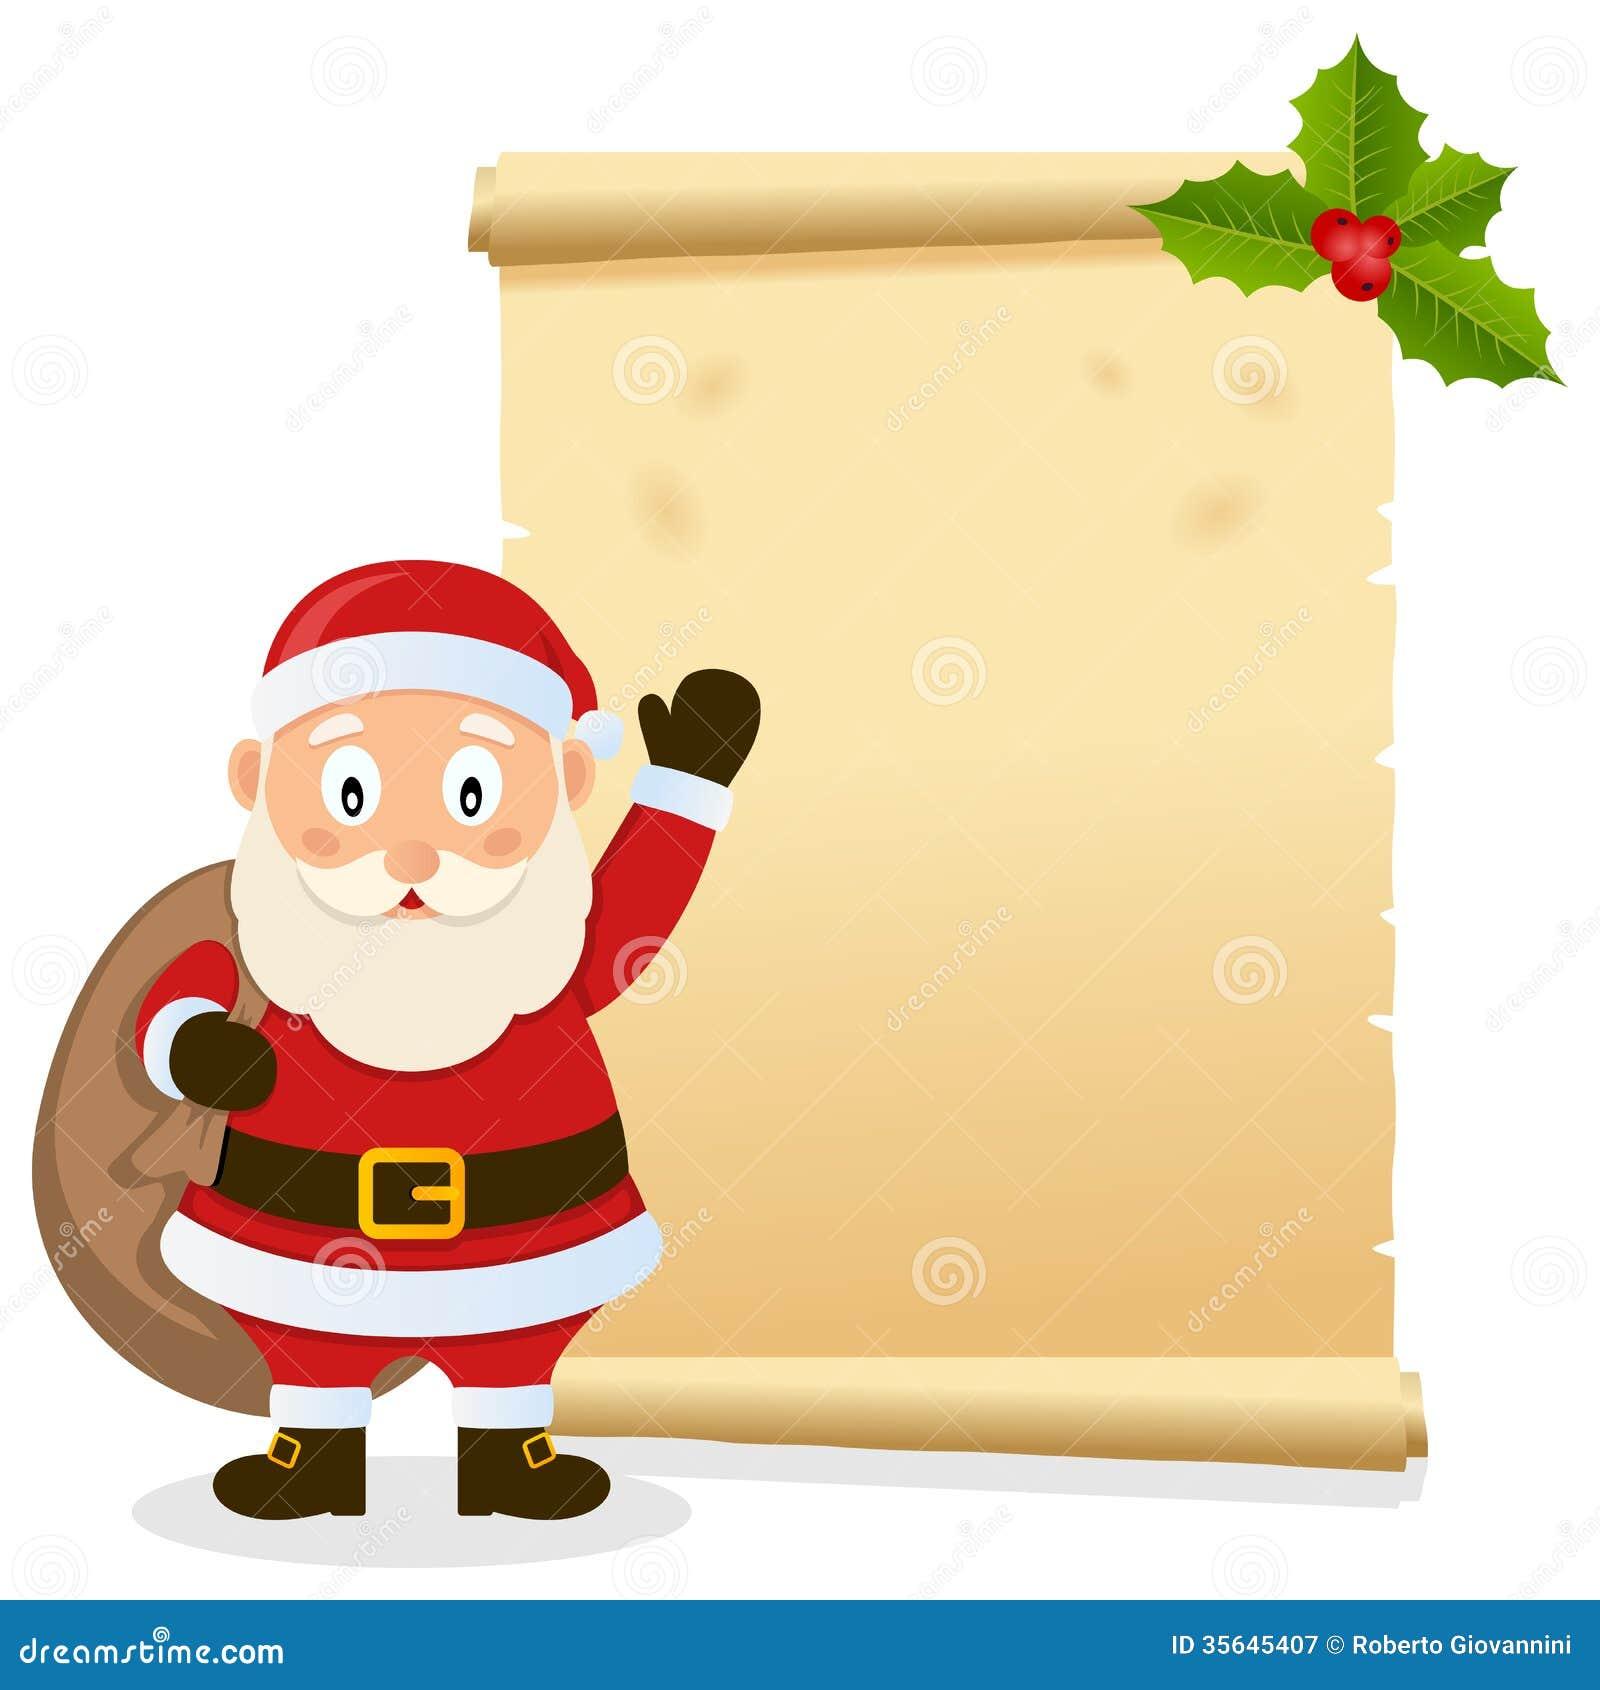 de archivo libre de regalías: Pergamino de la Navidad con Santa Claus ...